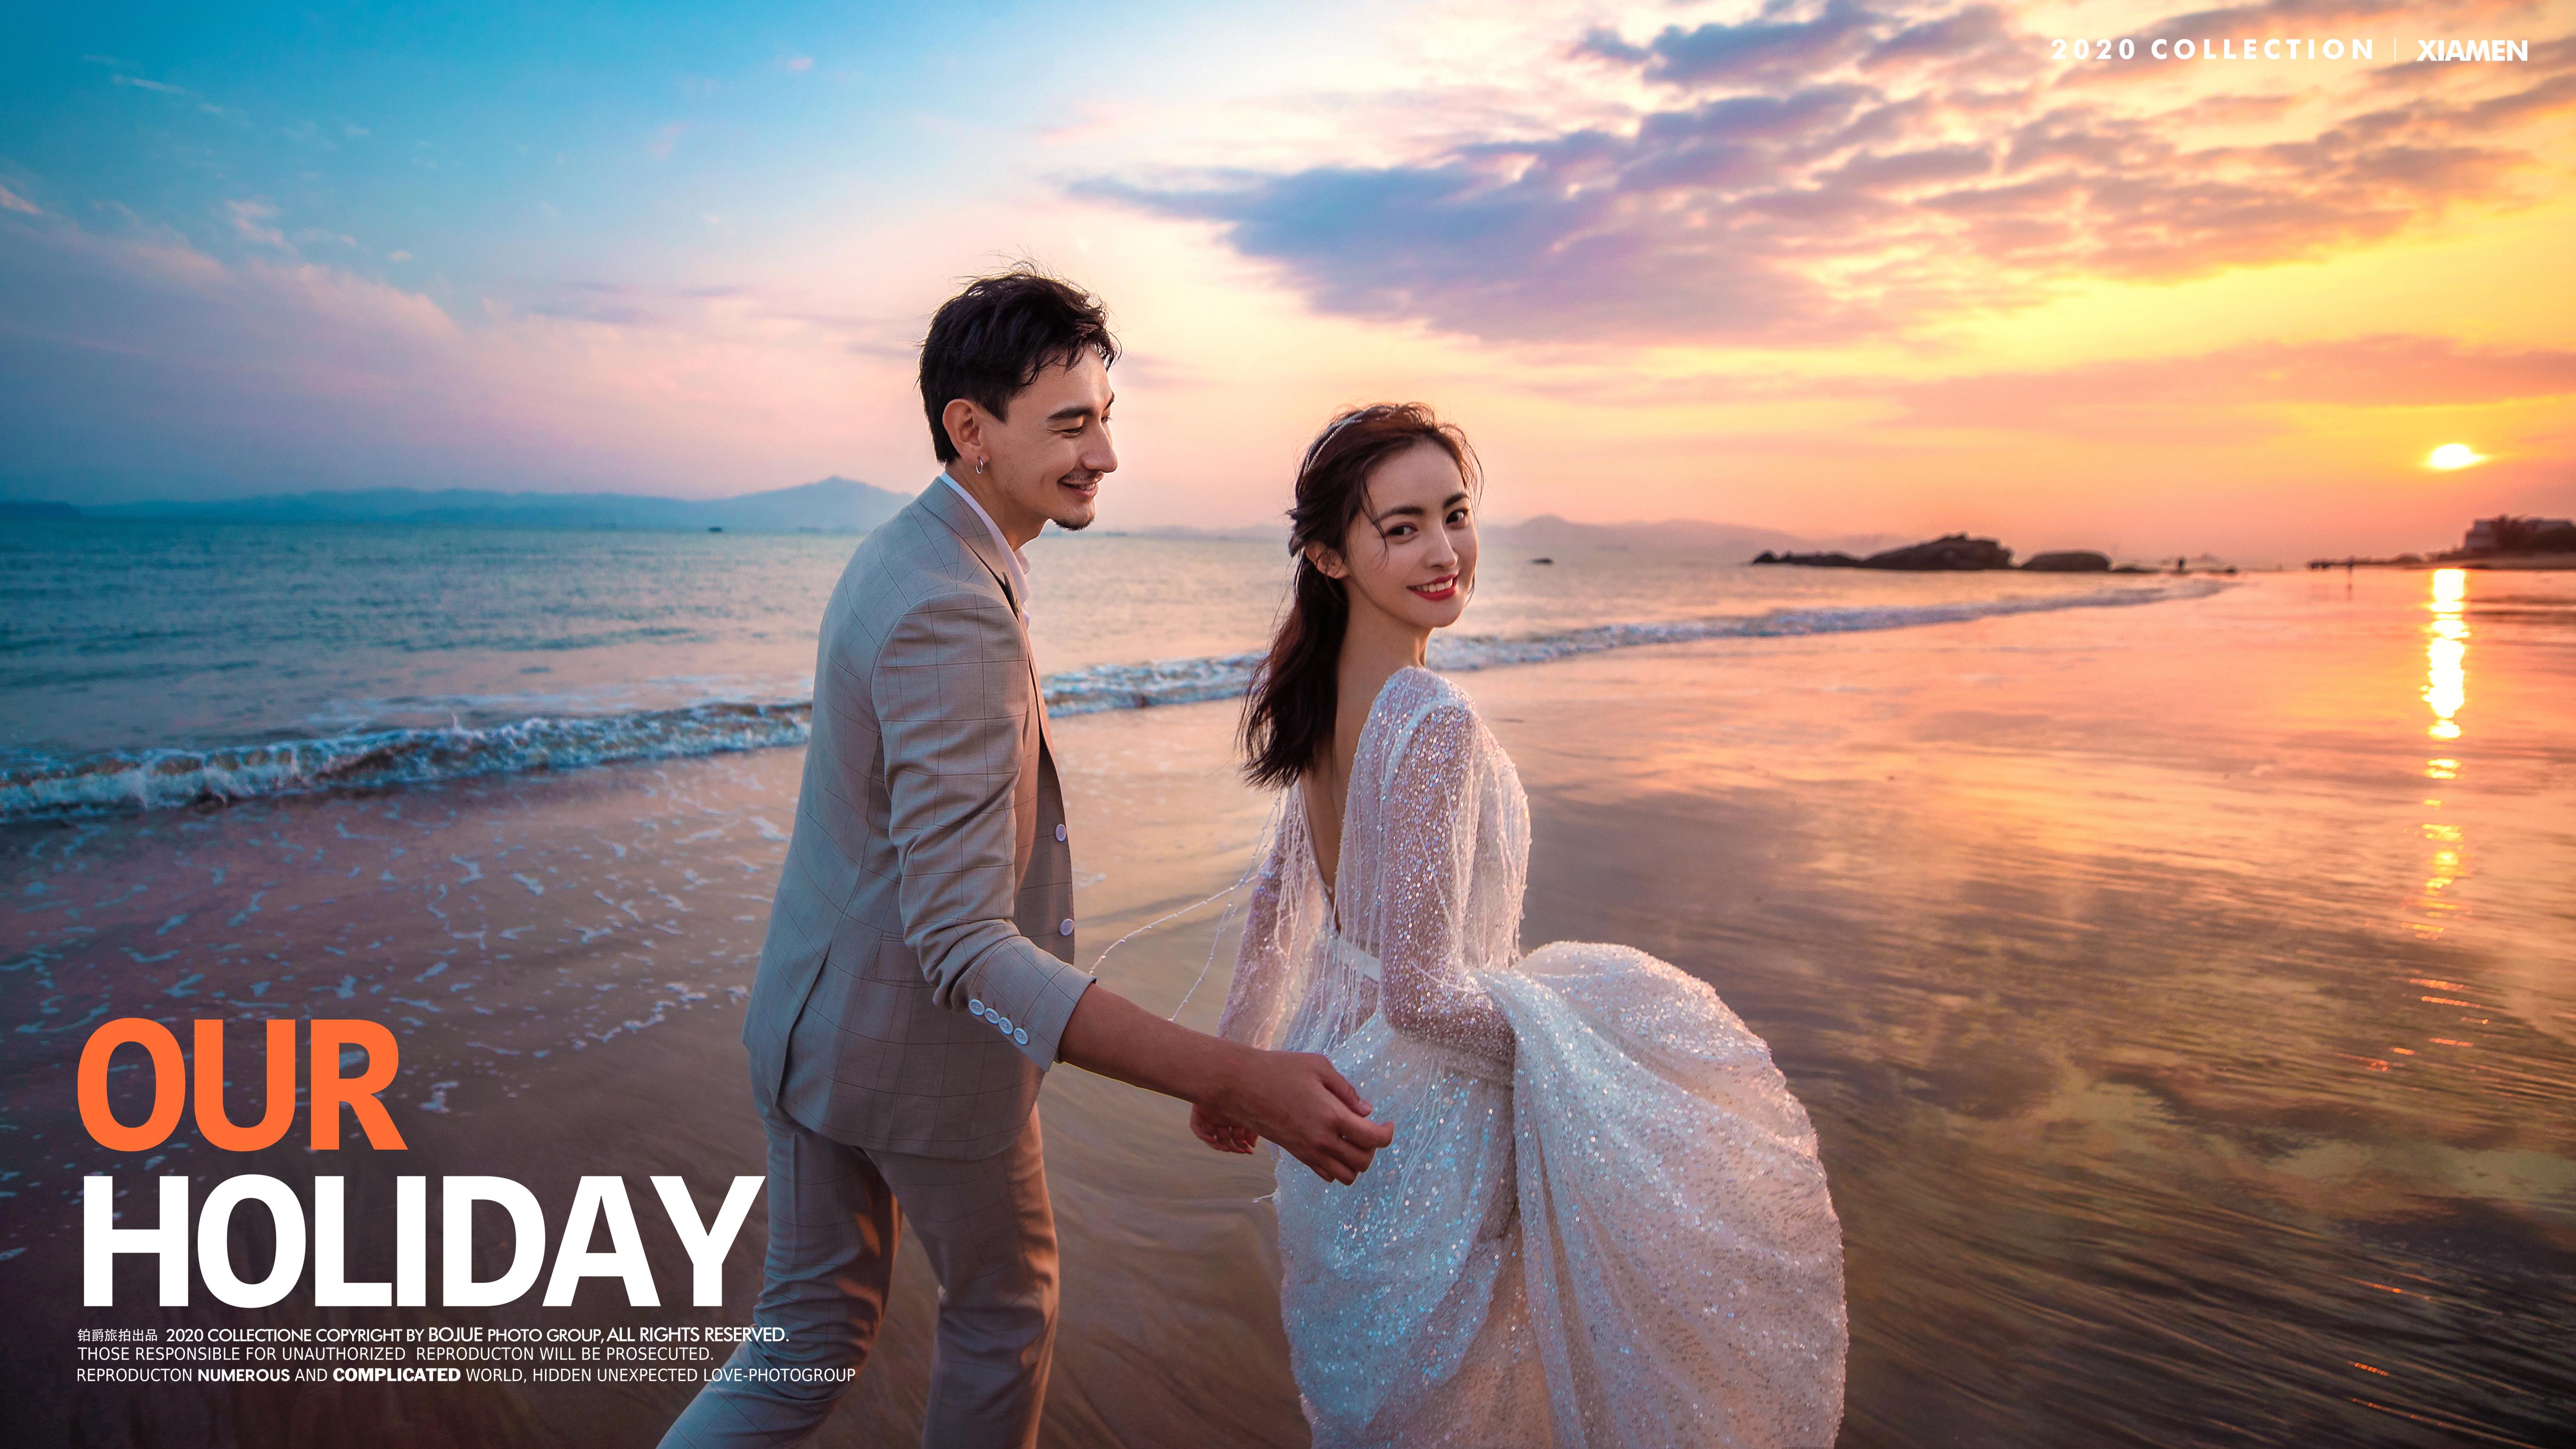 厦门旅拍婚纱照风格注意什么?婚纱照大片拍摄技巧有哪些